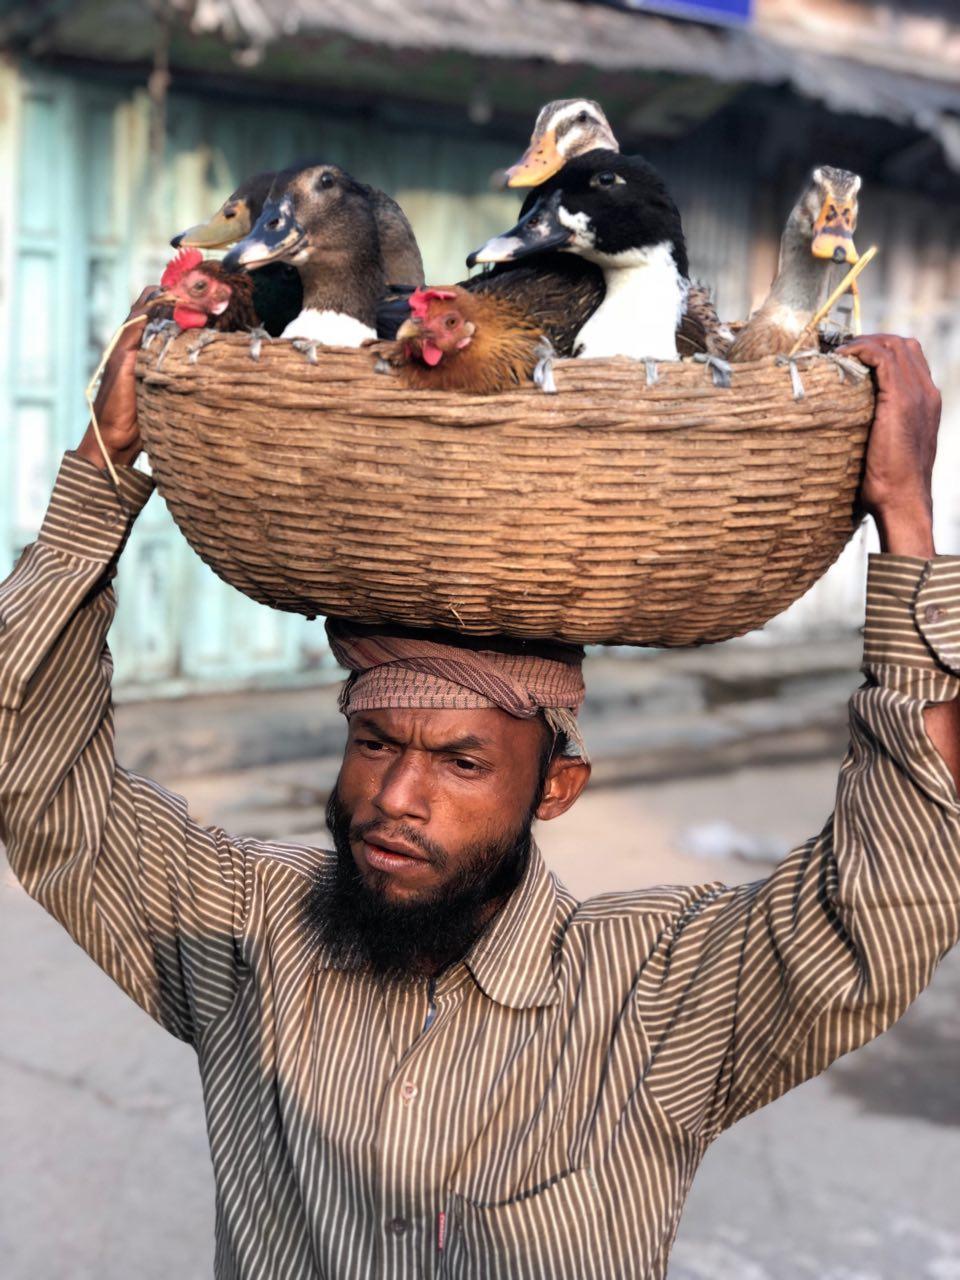 শীতের সকালে হাঁস মুরগী মাথায় নিয়ে বাজার যাত্রা। বরগুনা শহর থেকে তোলা